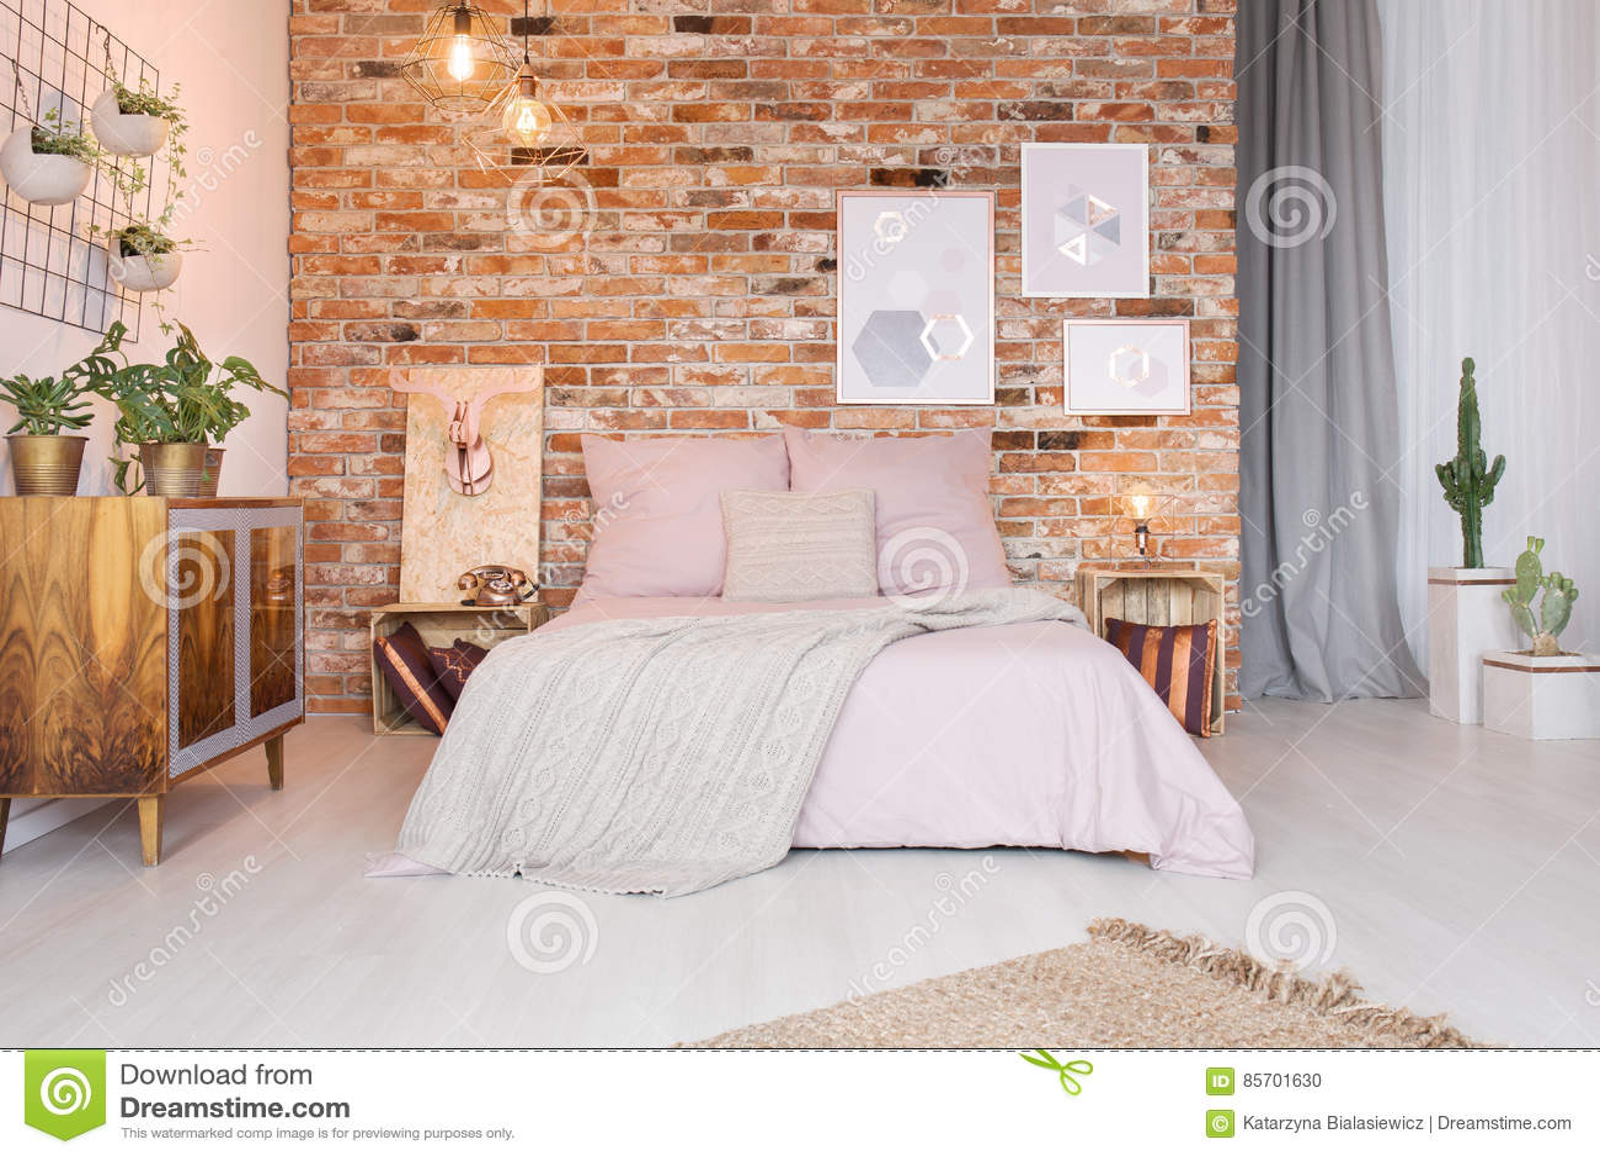 Gemütliches Schlafzimmer Mit Doppelbett Stockfoto - Bild von hippie ...